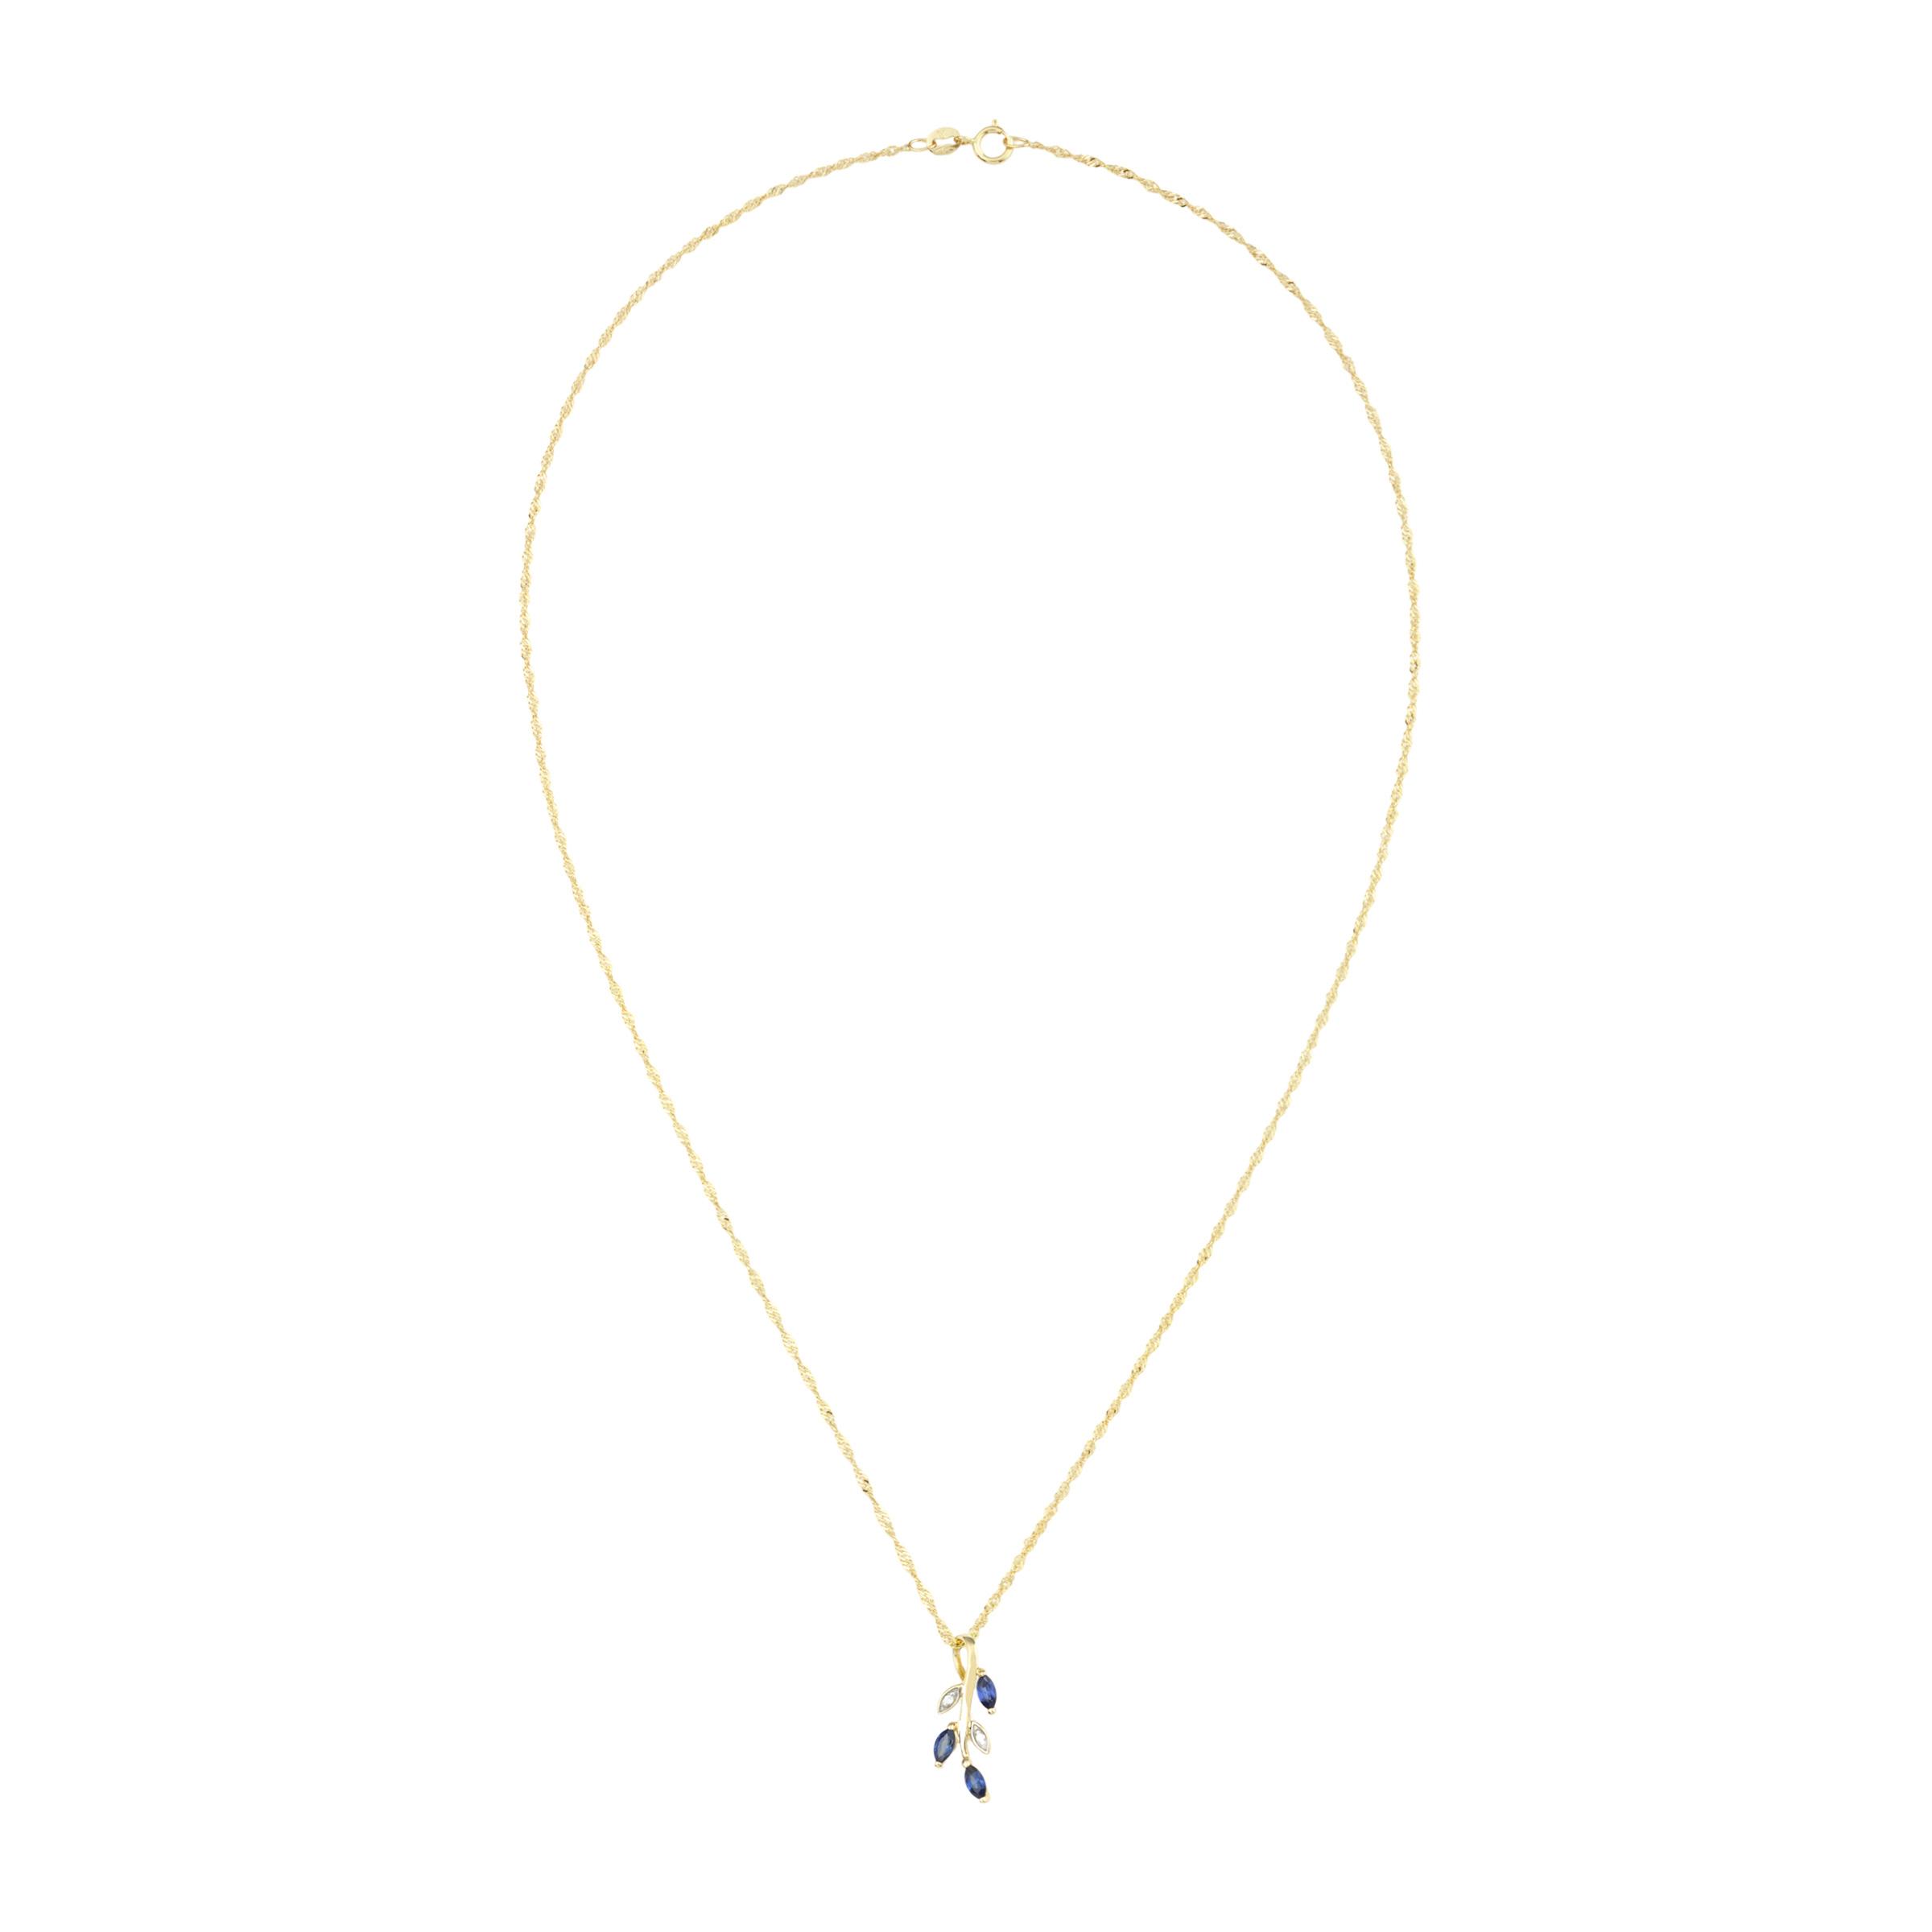 Kette mit Anhänger für Damen, Gold 375, Zirkonia Blatt